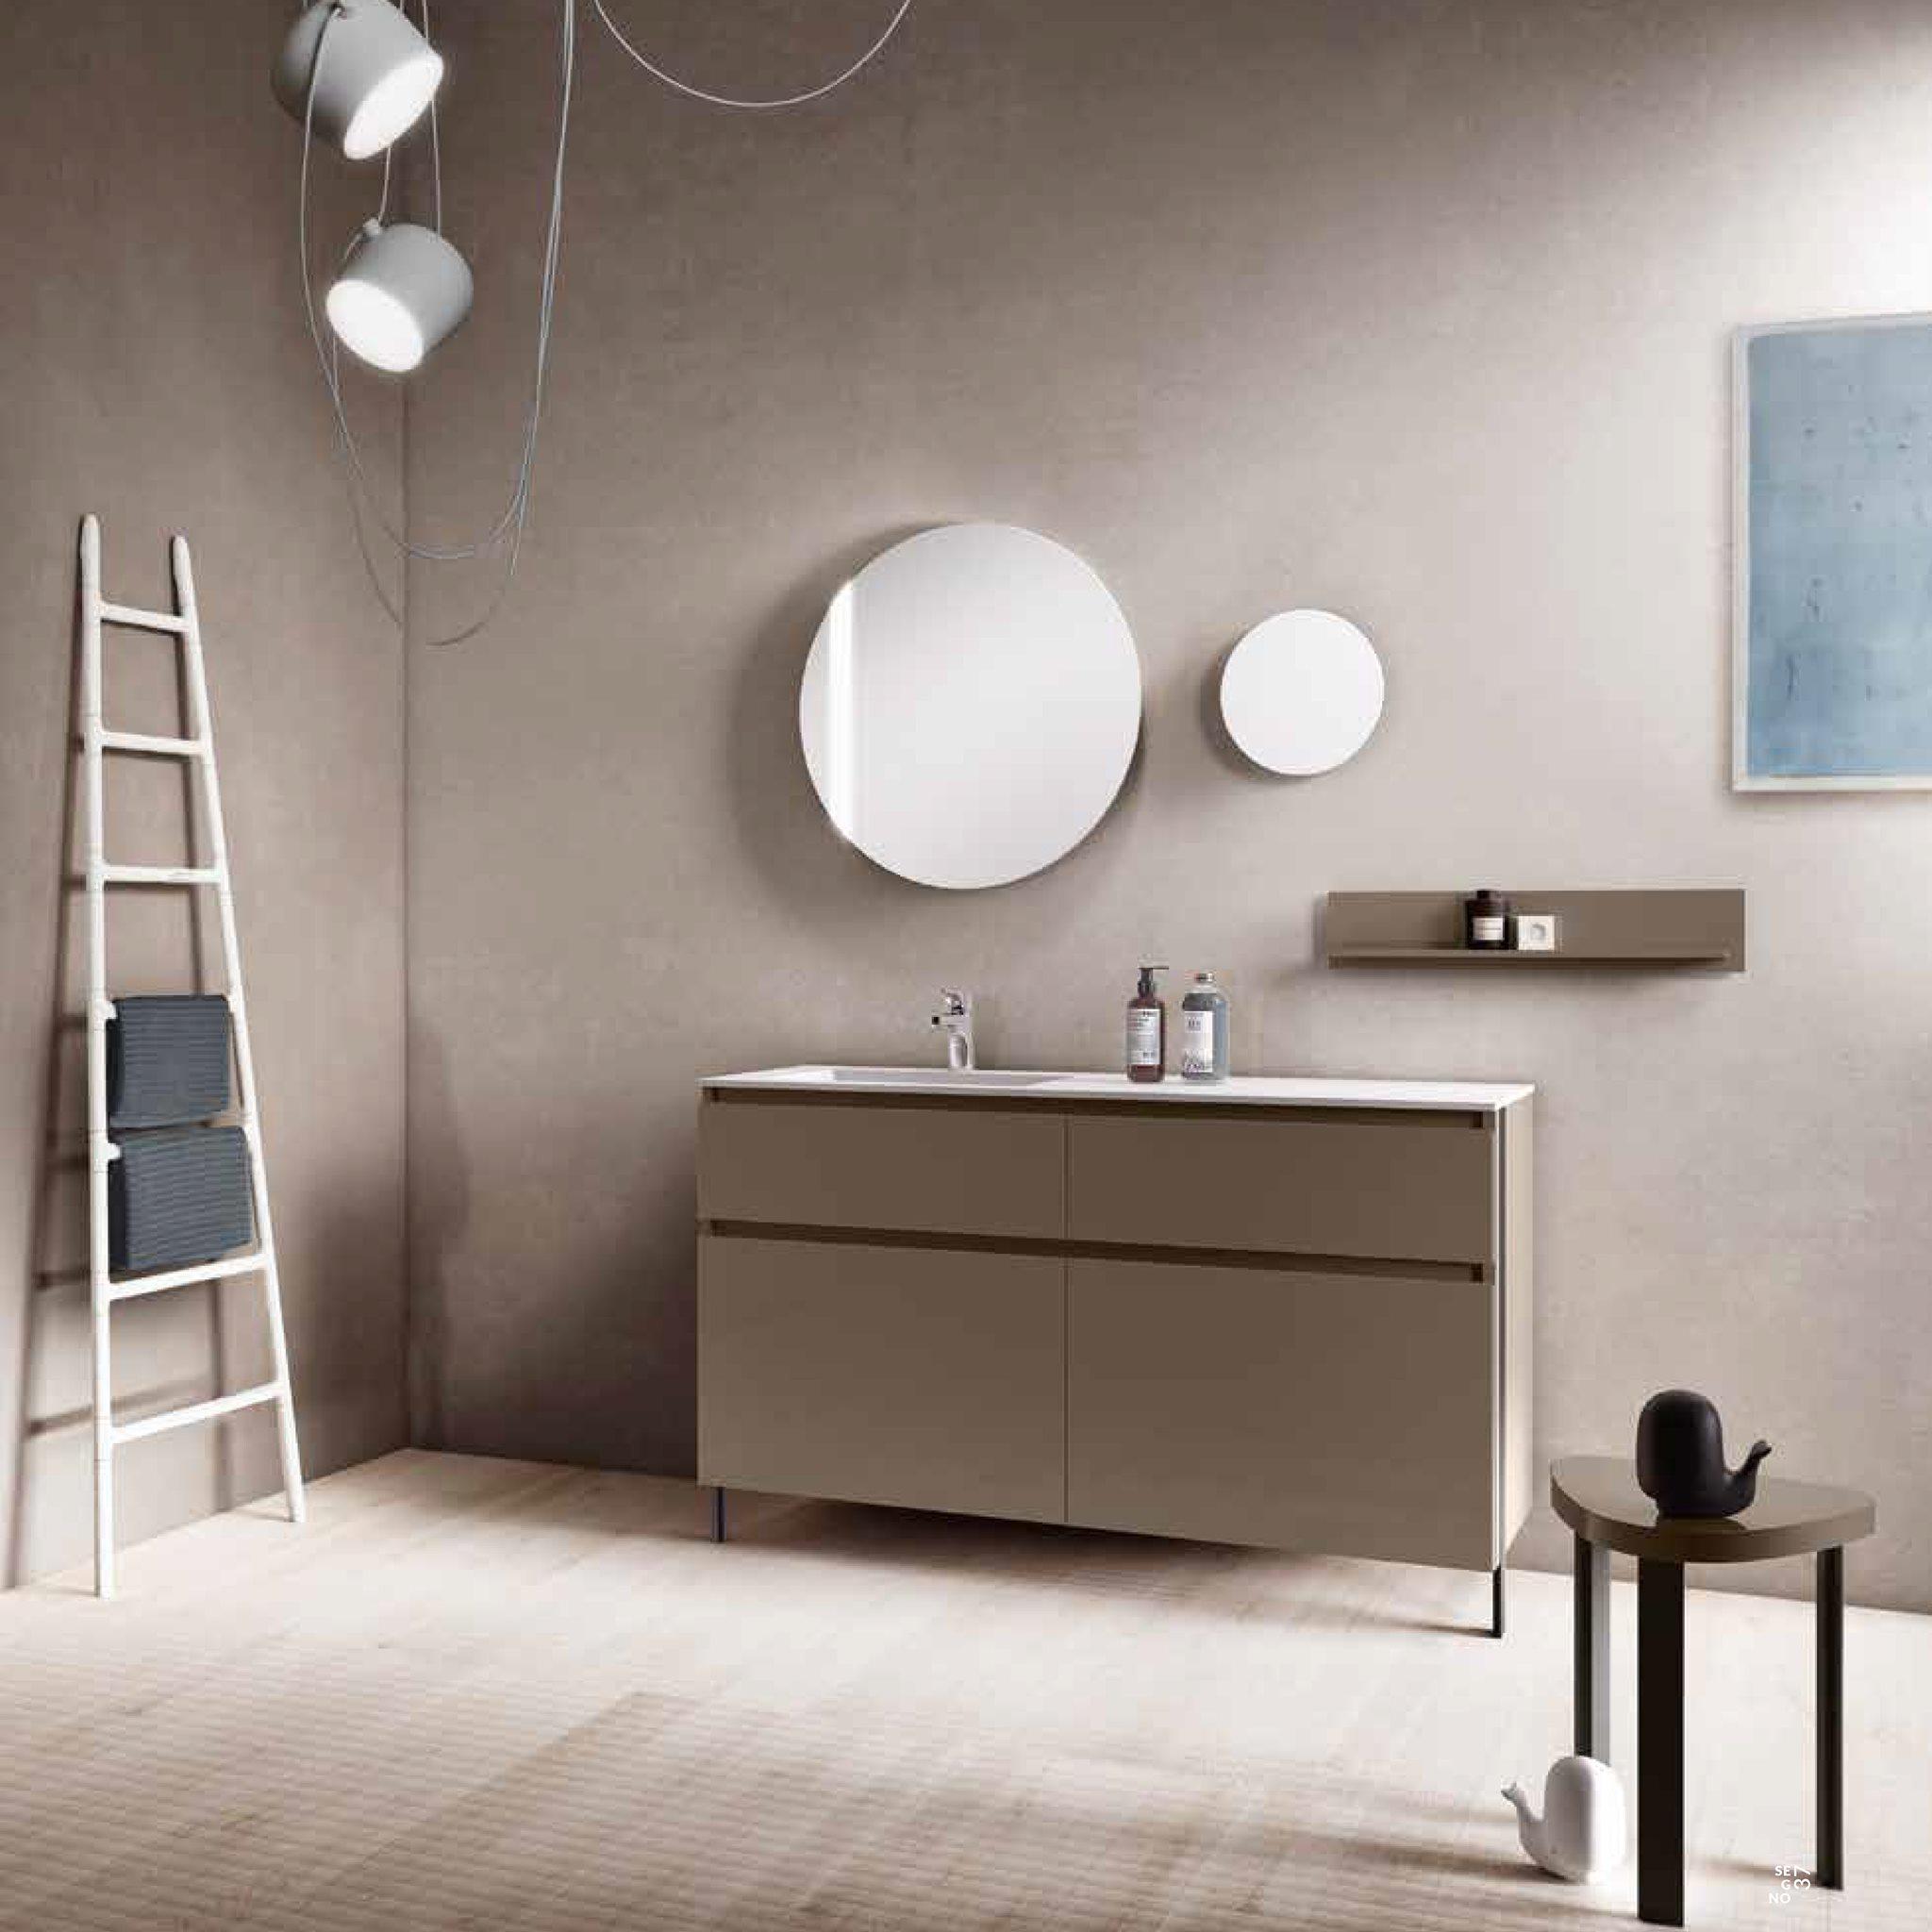 segno bagni mobili bagno ferrara vigarano vendita doccia box bondeno sanitari rubinetti rubinetteria specchi